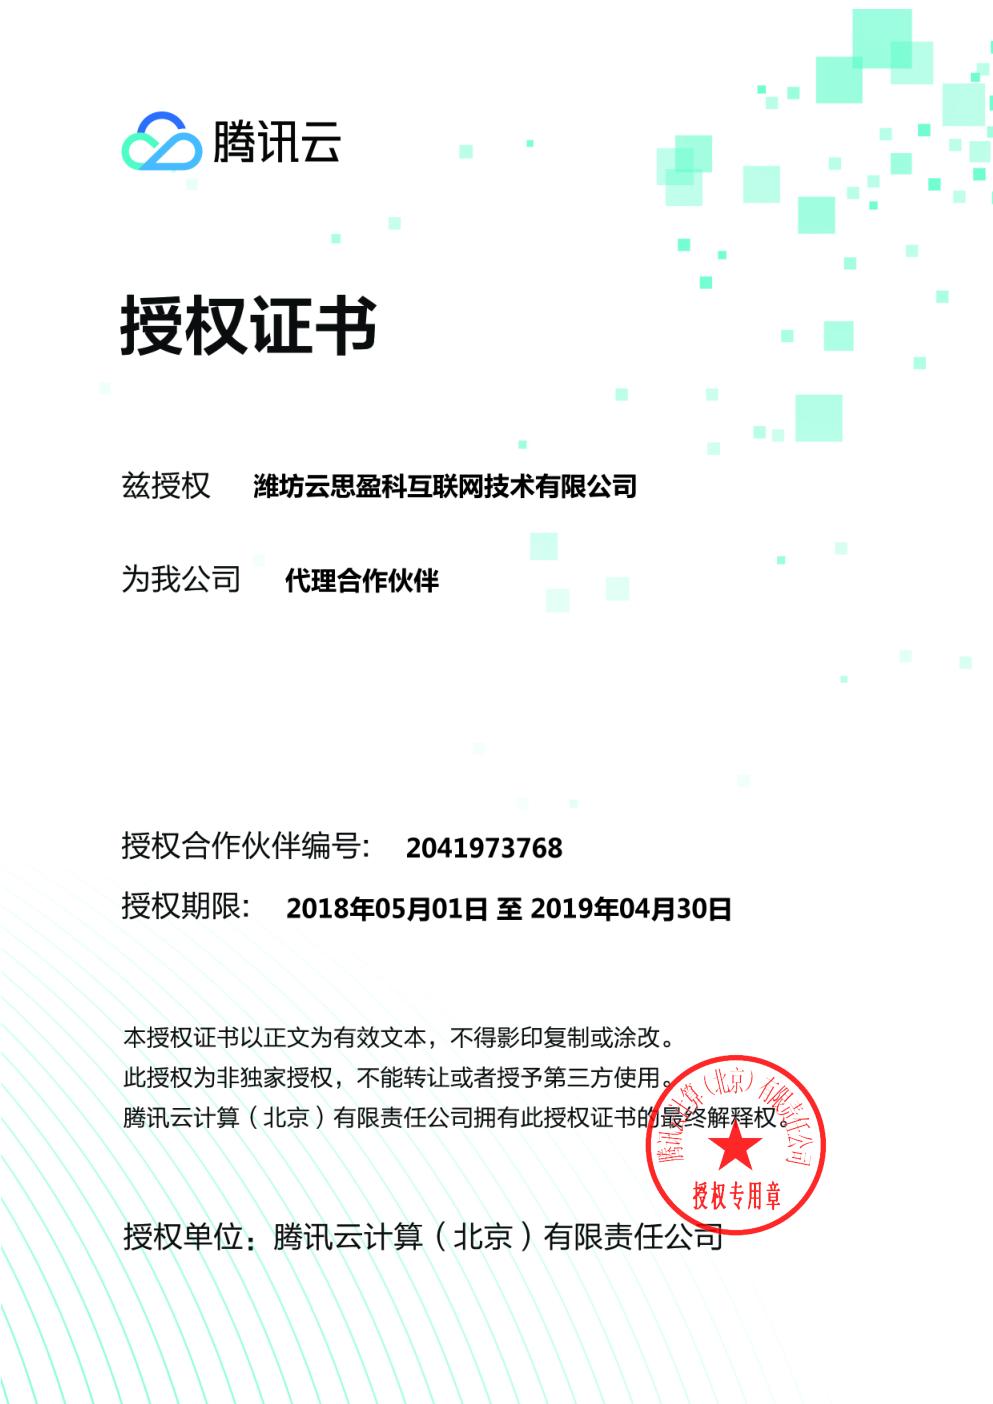 CC53C813-AD25-4507-9111-EA3F26853FB2.png